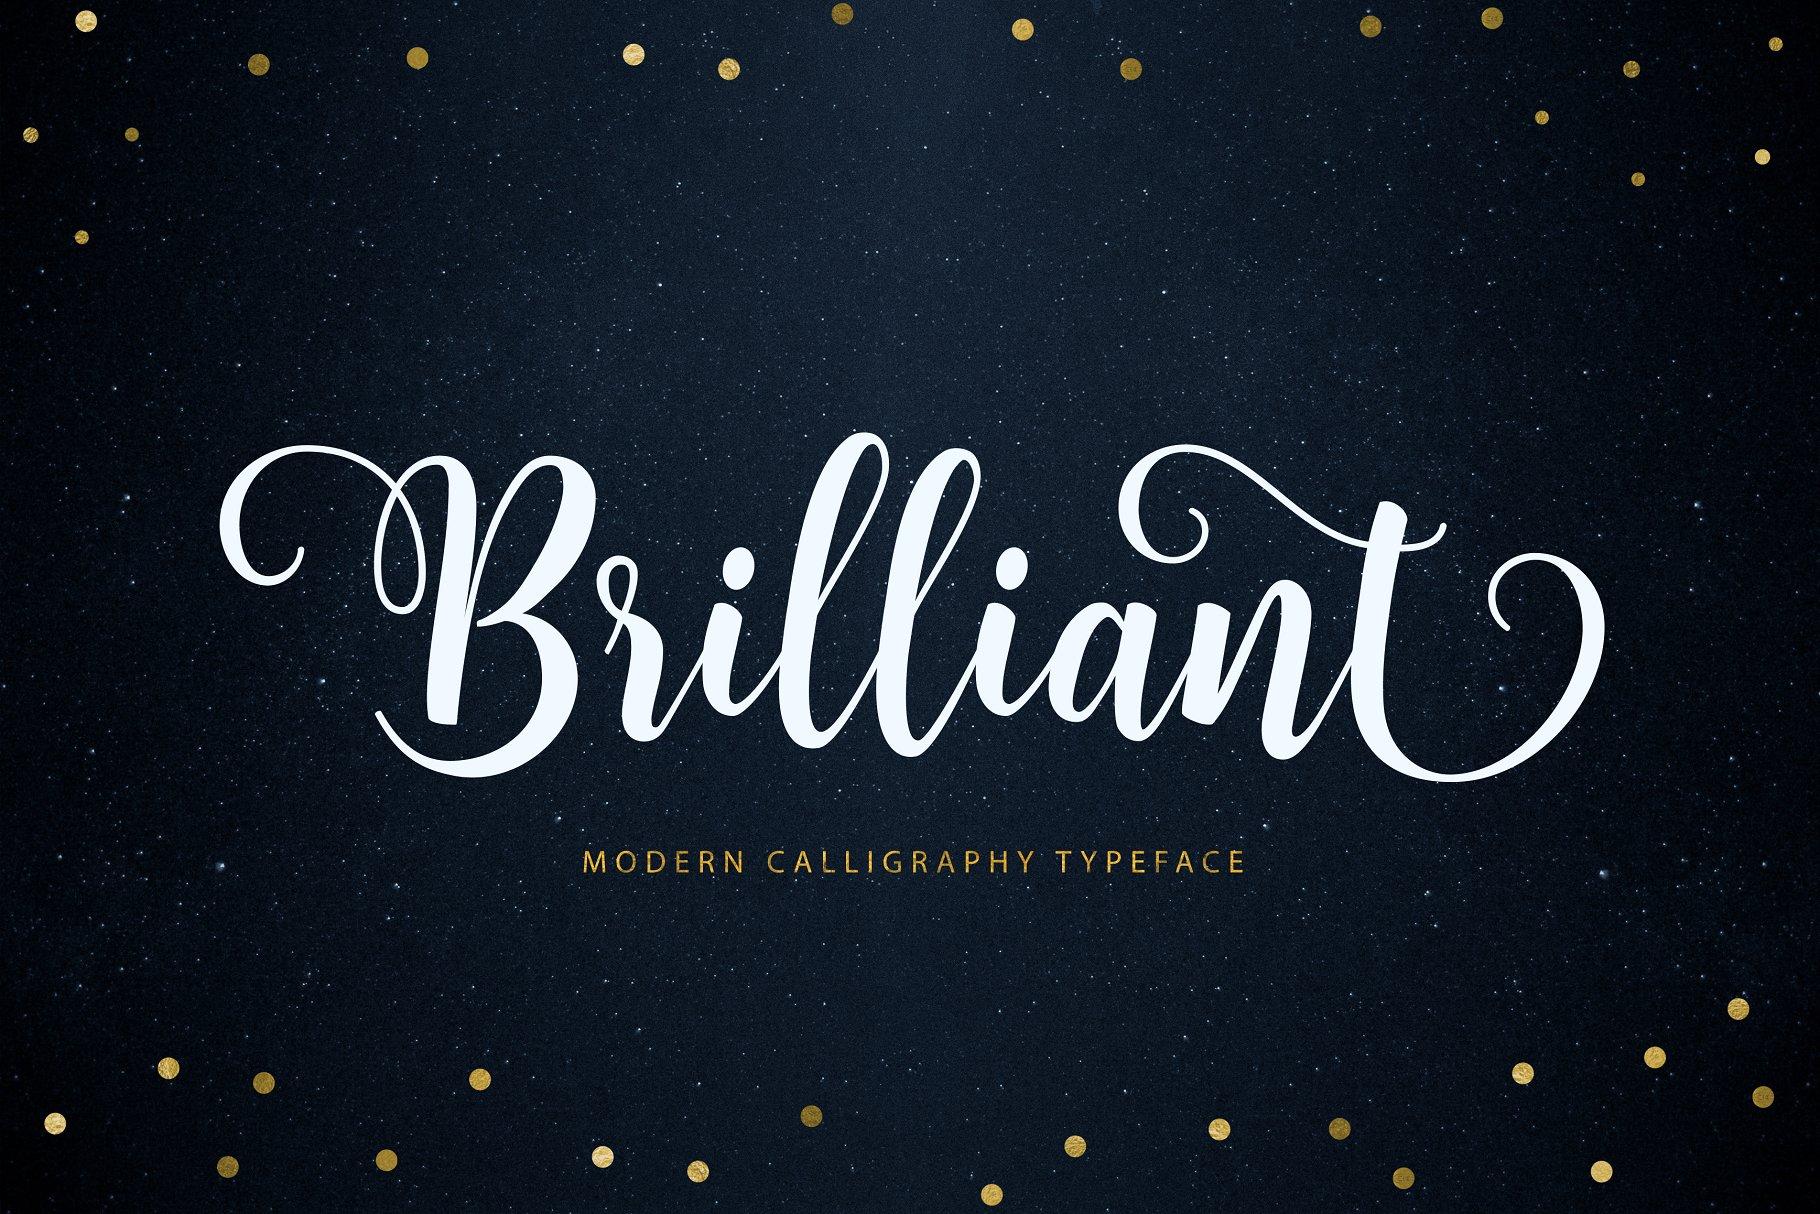 手绘字体素材 Brilliant sc<x>ript设计素材模板